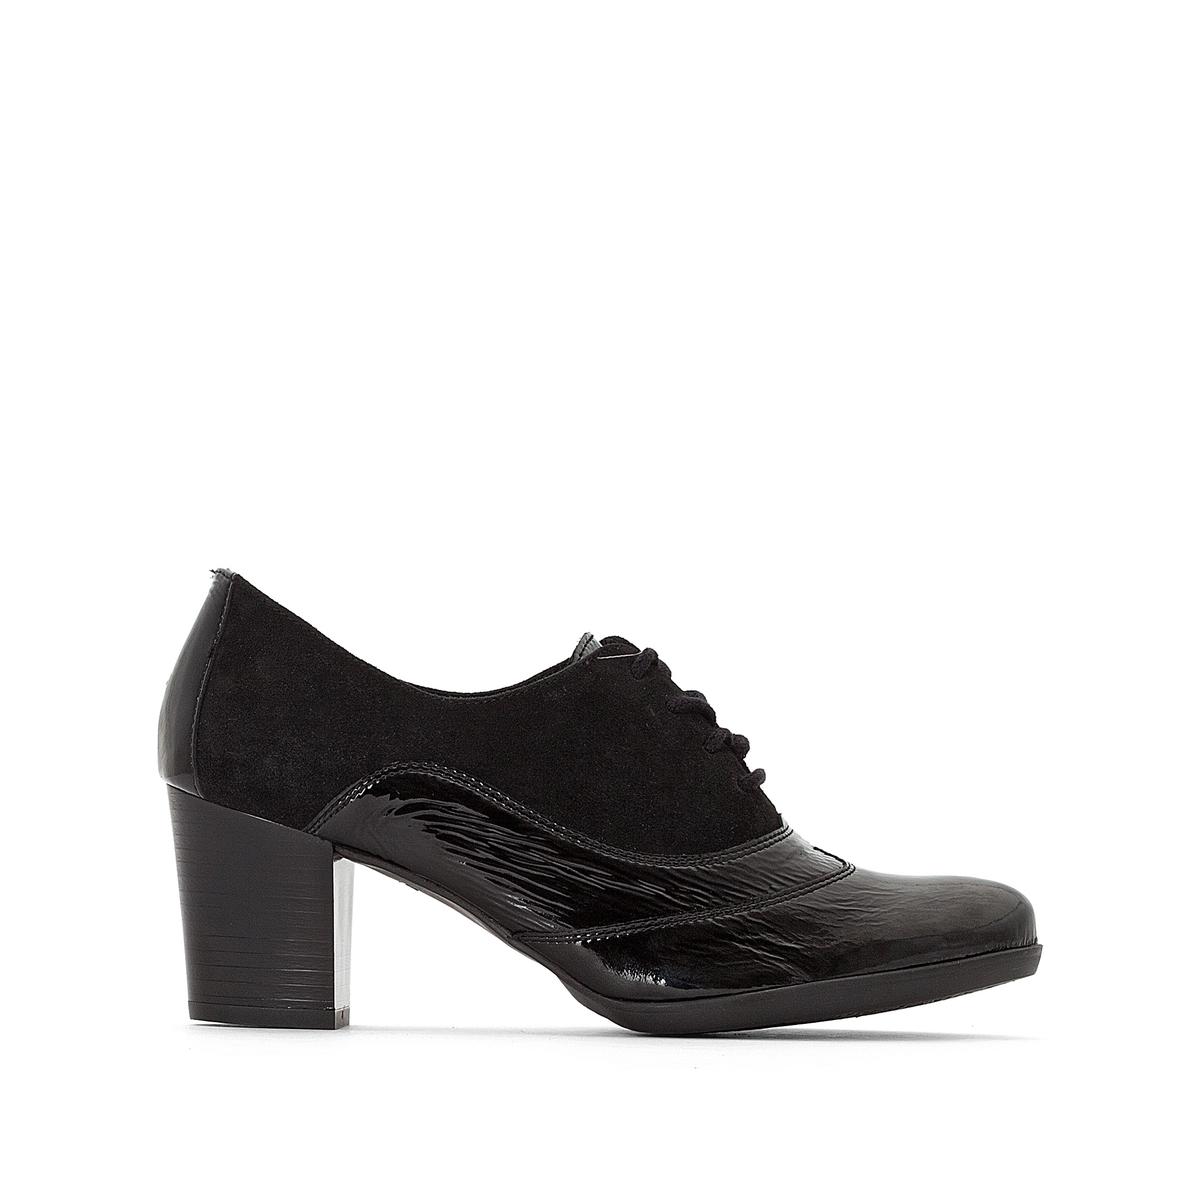 Ботинки-дерби, из кожи, на высоком каблуке